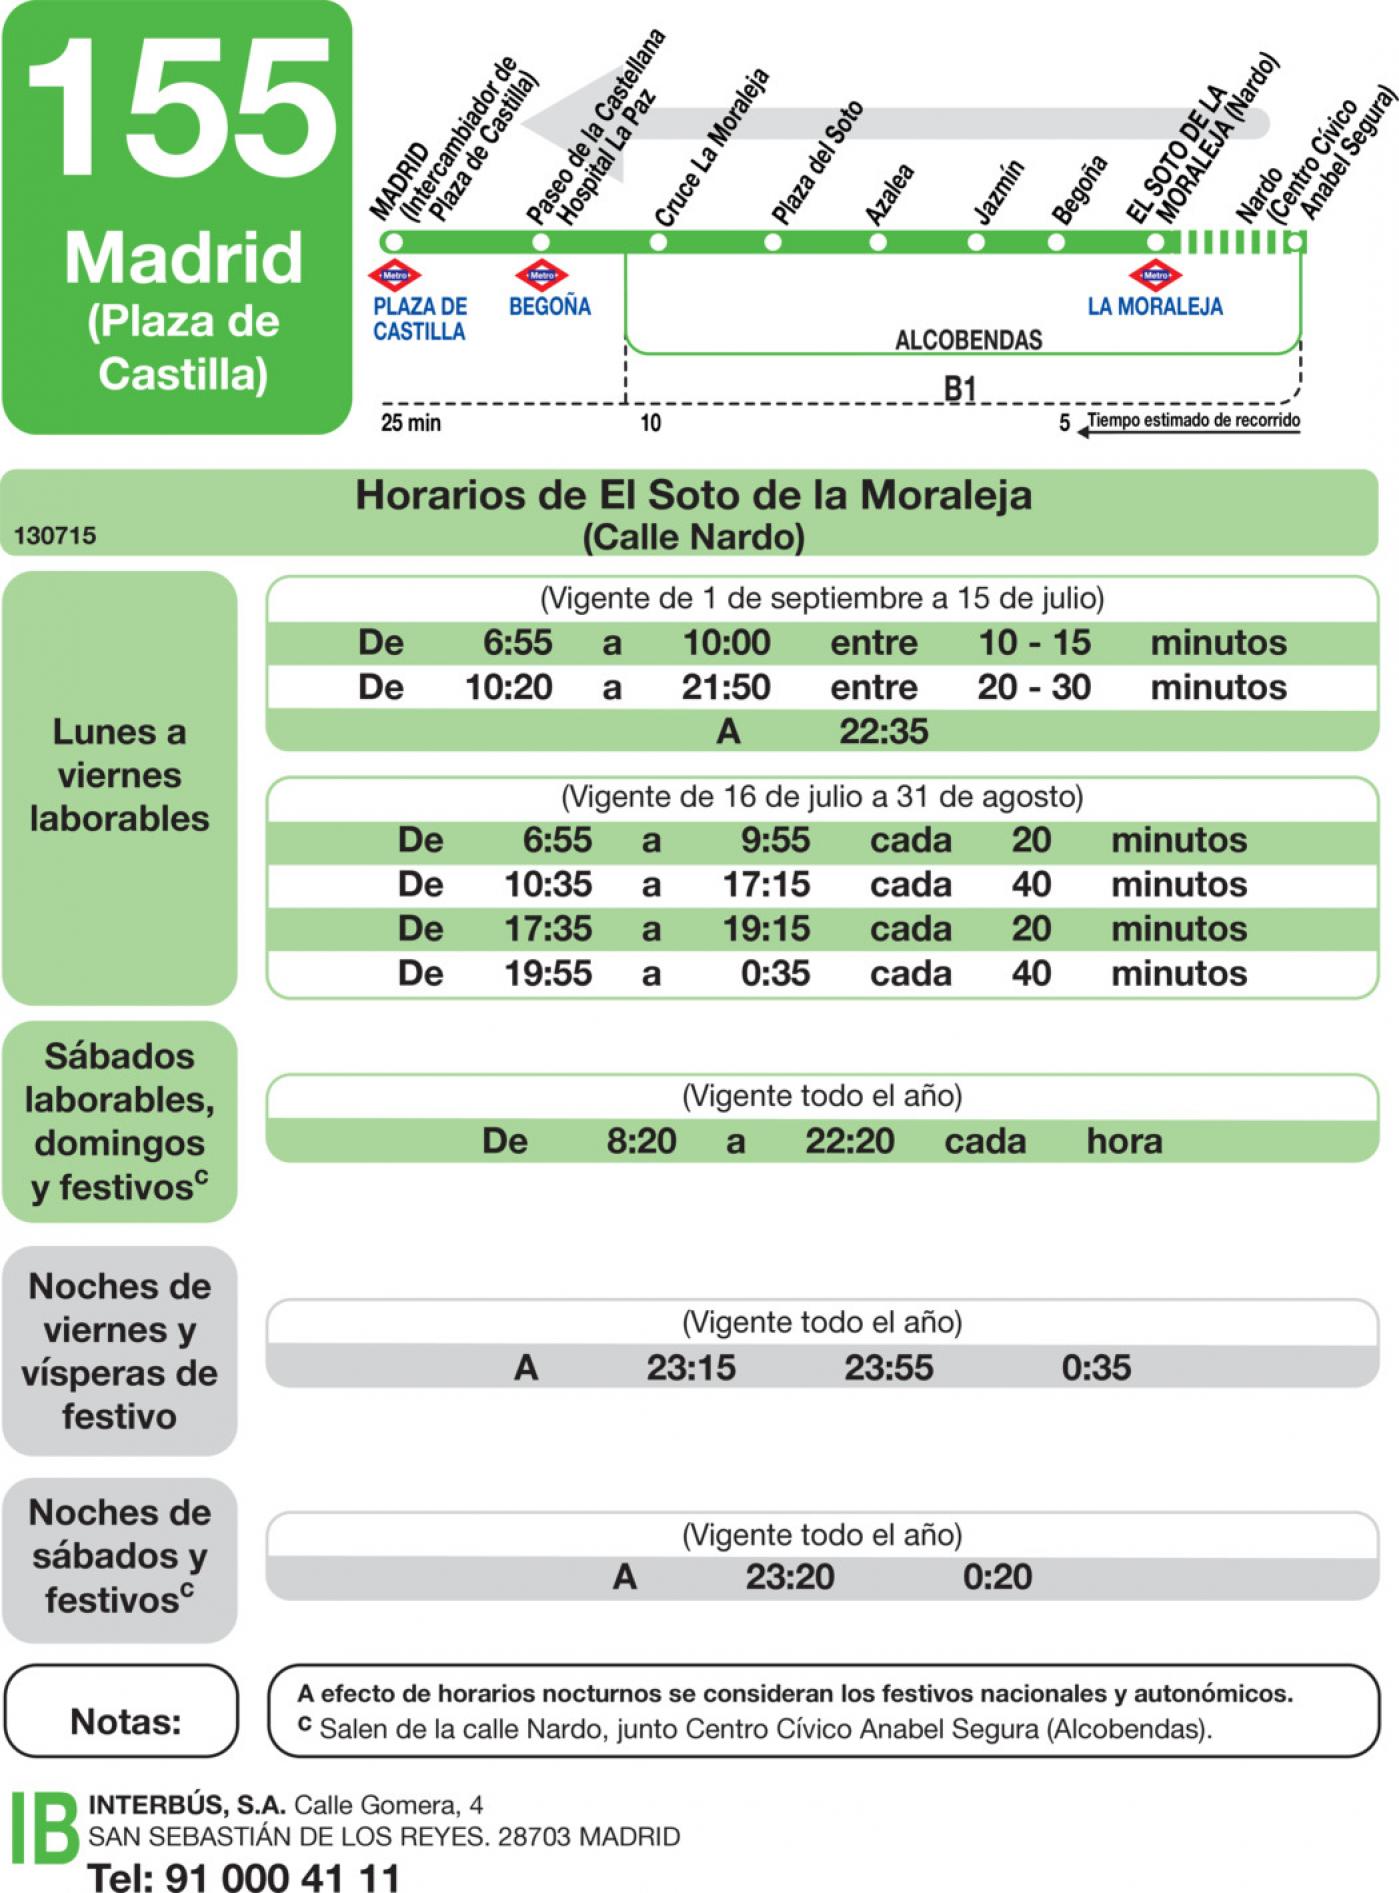 Tabla de horarios y frecuencias de paso en sentido vuelta Línea 155: Madrid (Plaza Castilla) - El Soto de la Moraleja